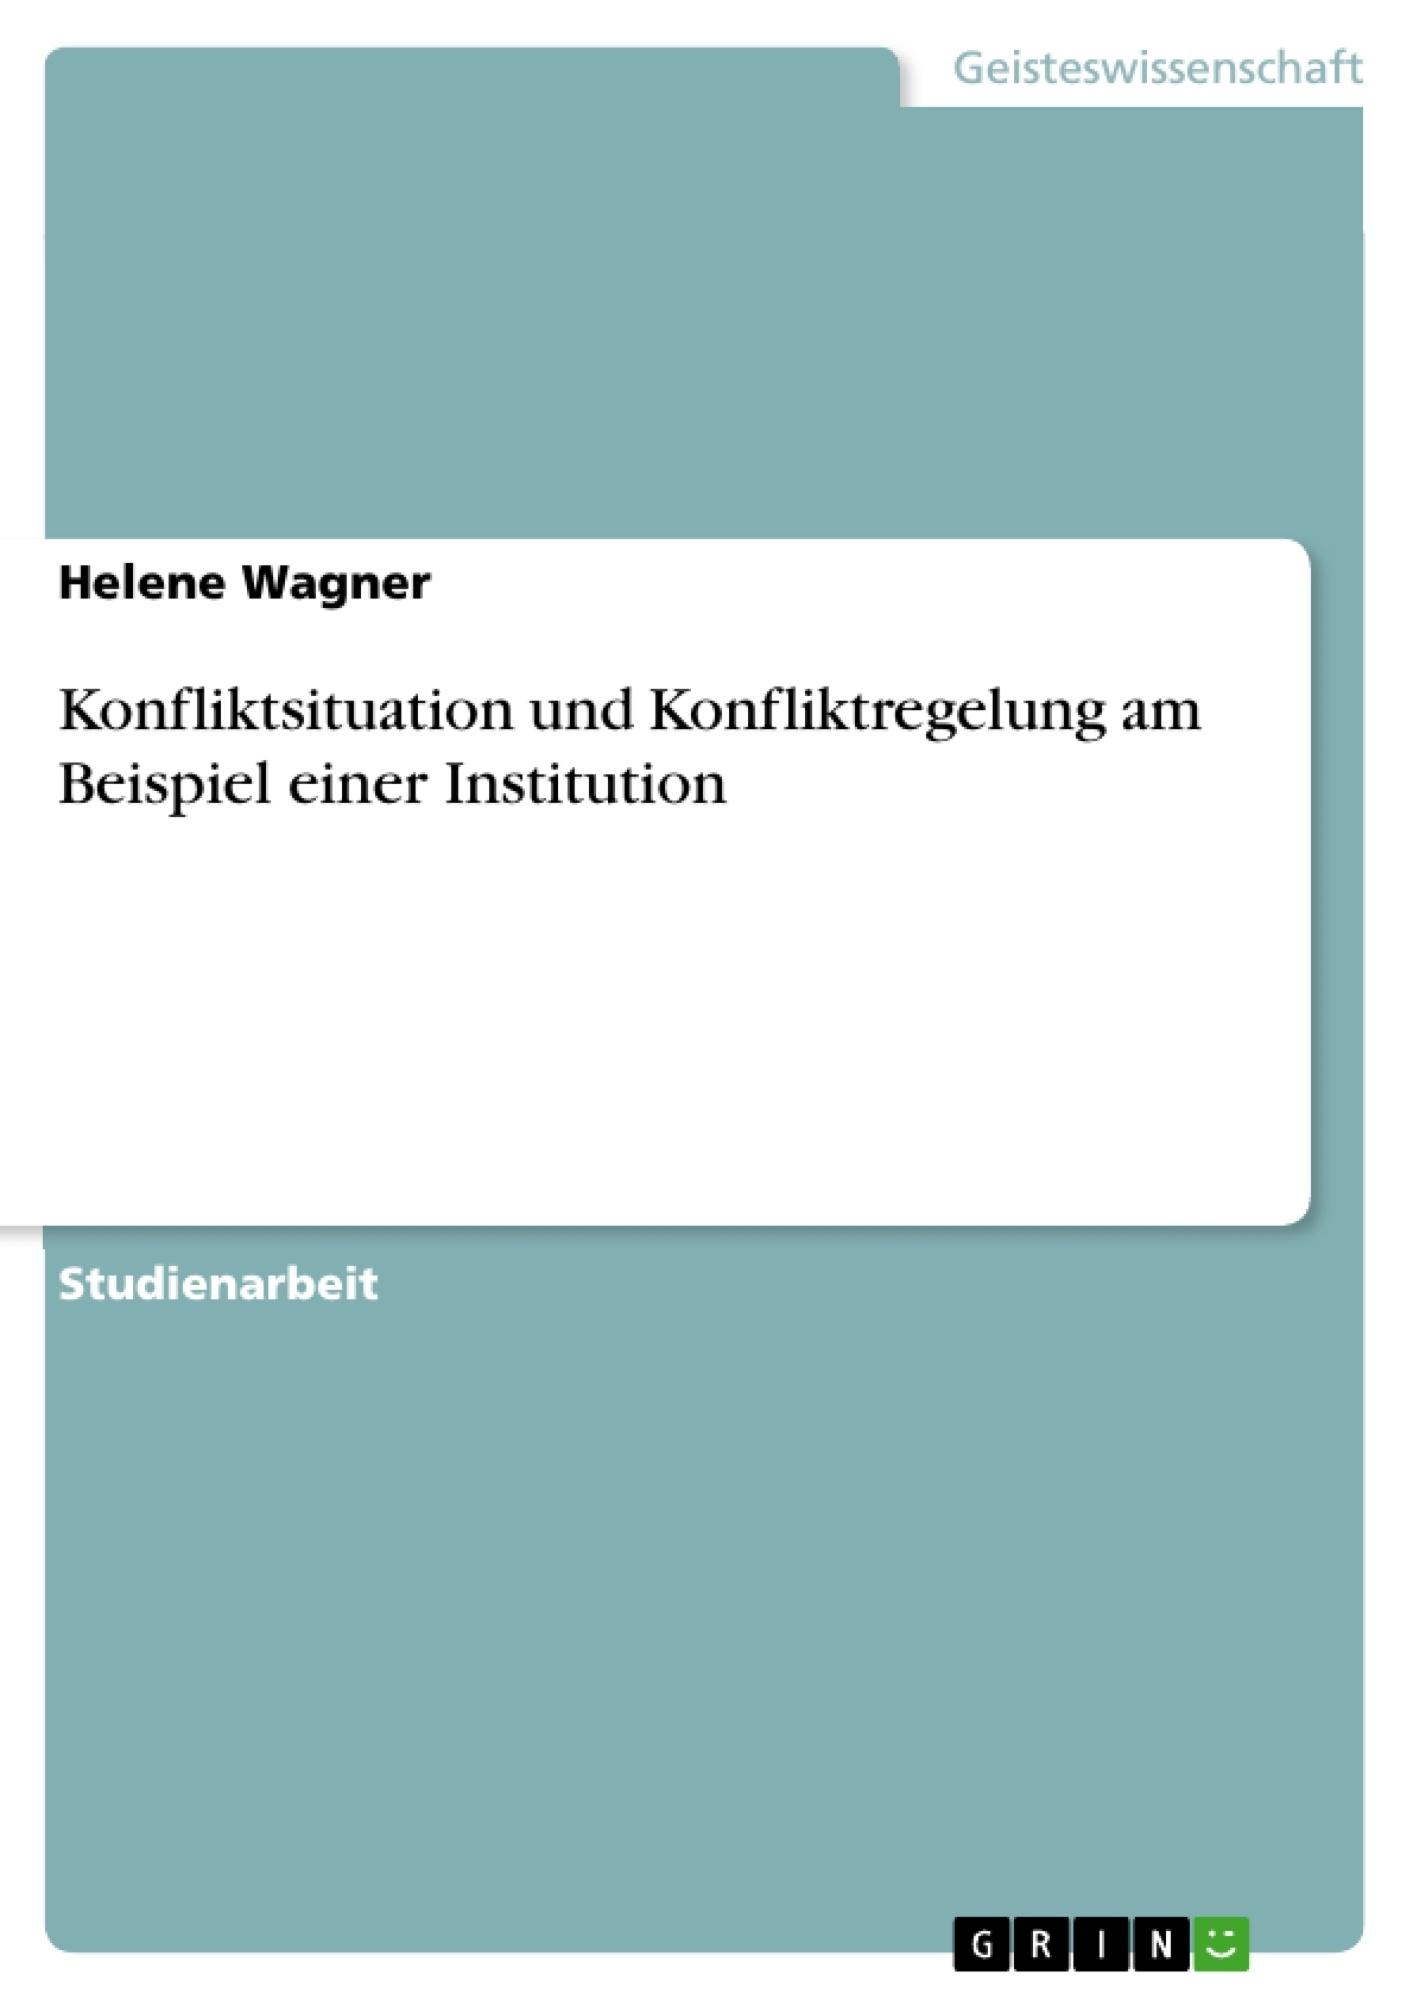 Titel: Konfliktsituation und Konfliktregelung am Beispiel einer Institution